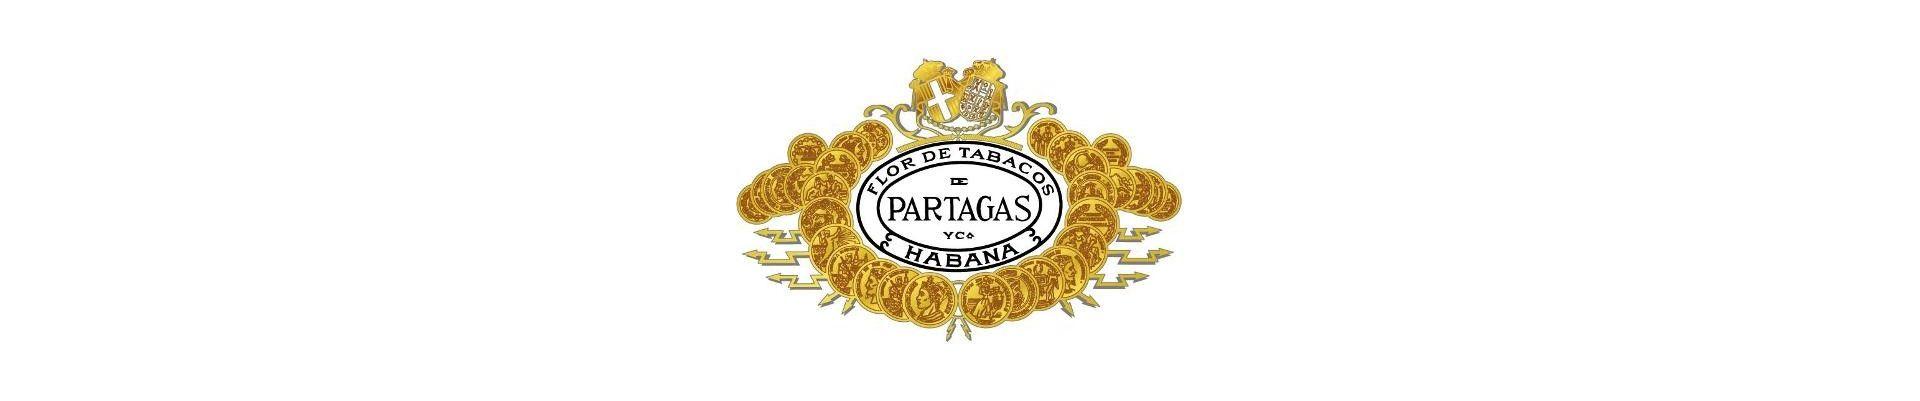 Trabucuri Partagas trabucuri cubaneze Partagas pret trabuc cubanez pre